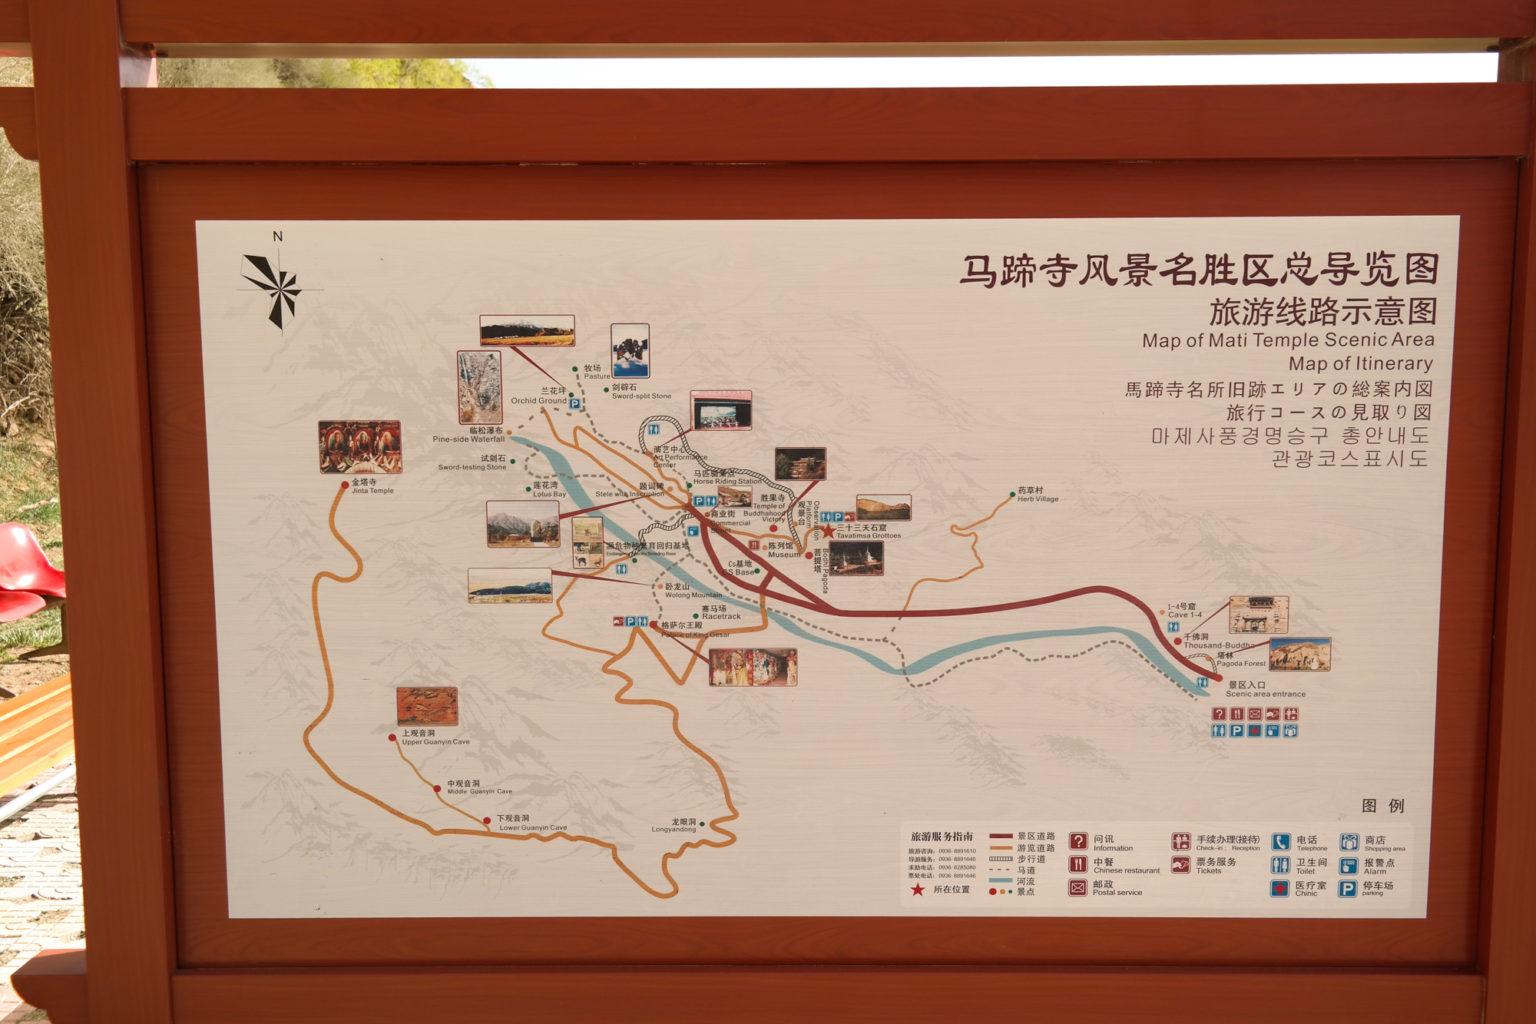 Mapa okolicy Mati Si